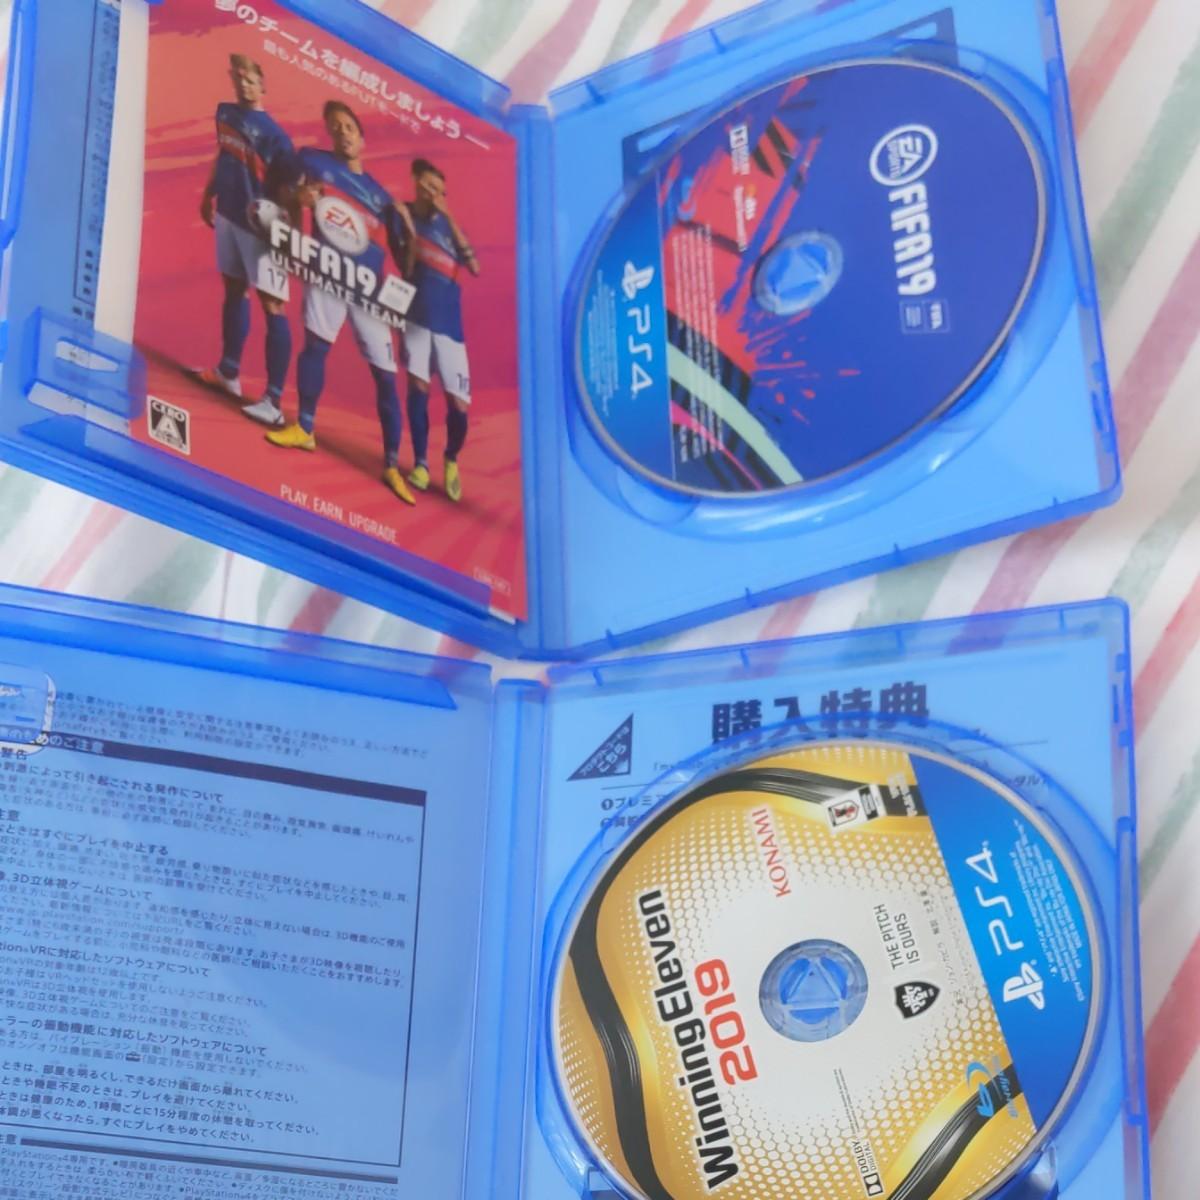 FIFA19 ウイニングイレブン2019セット PS4